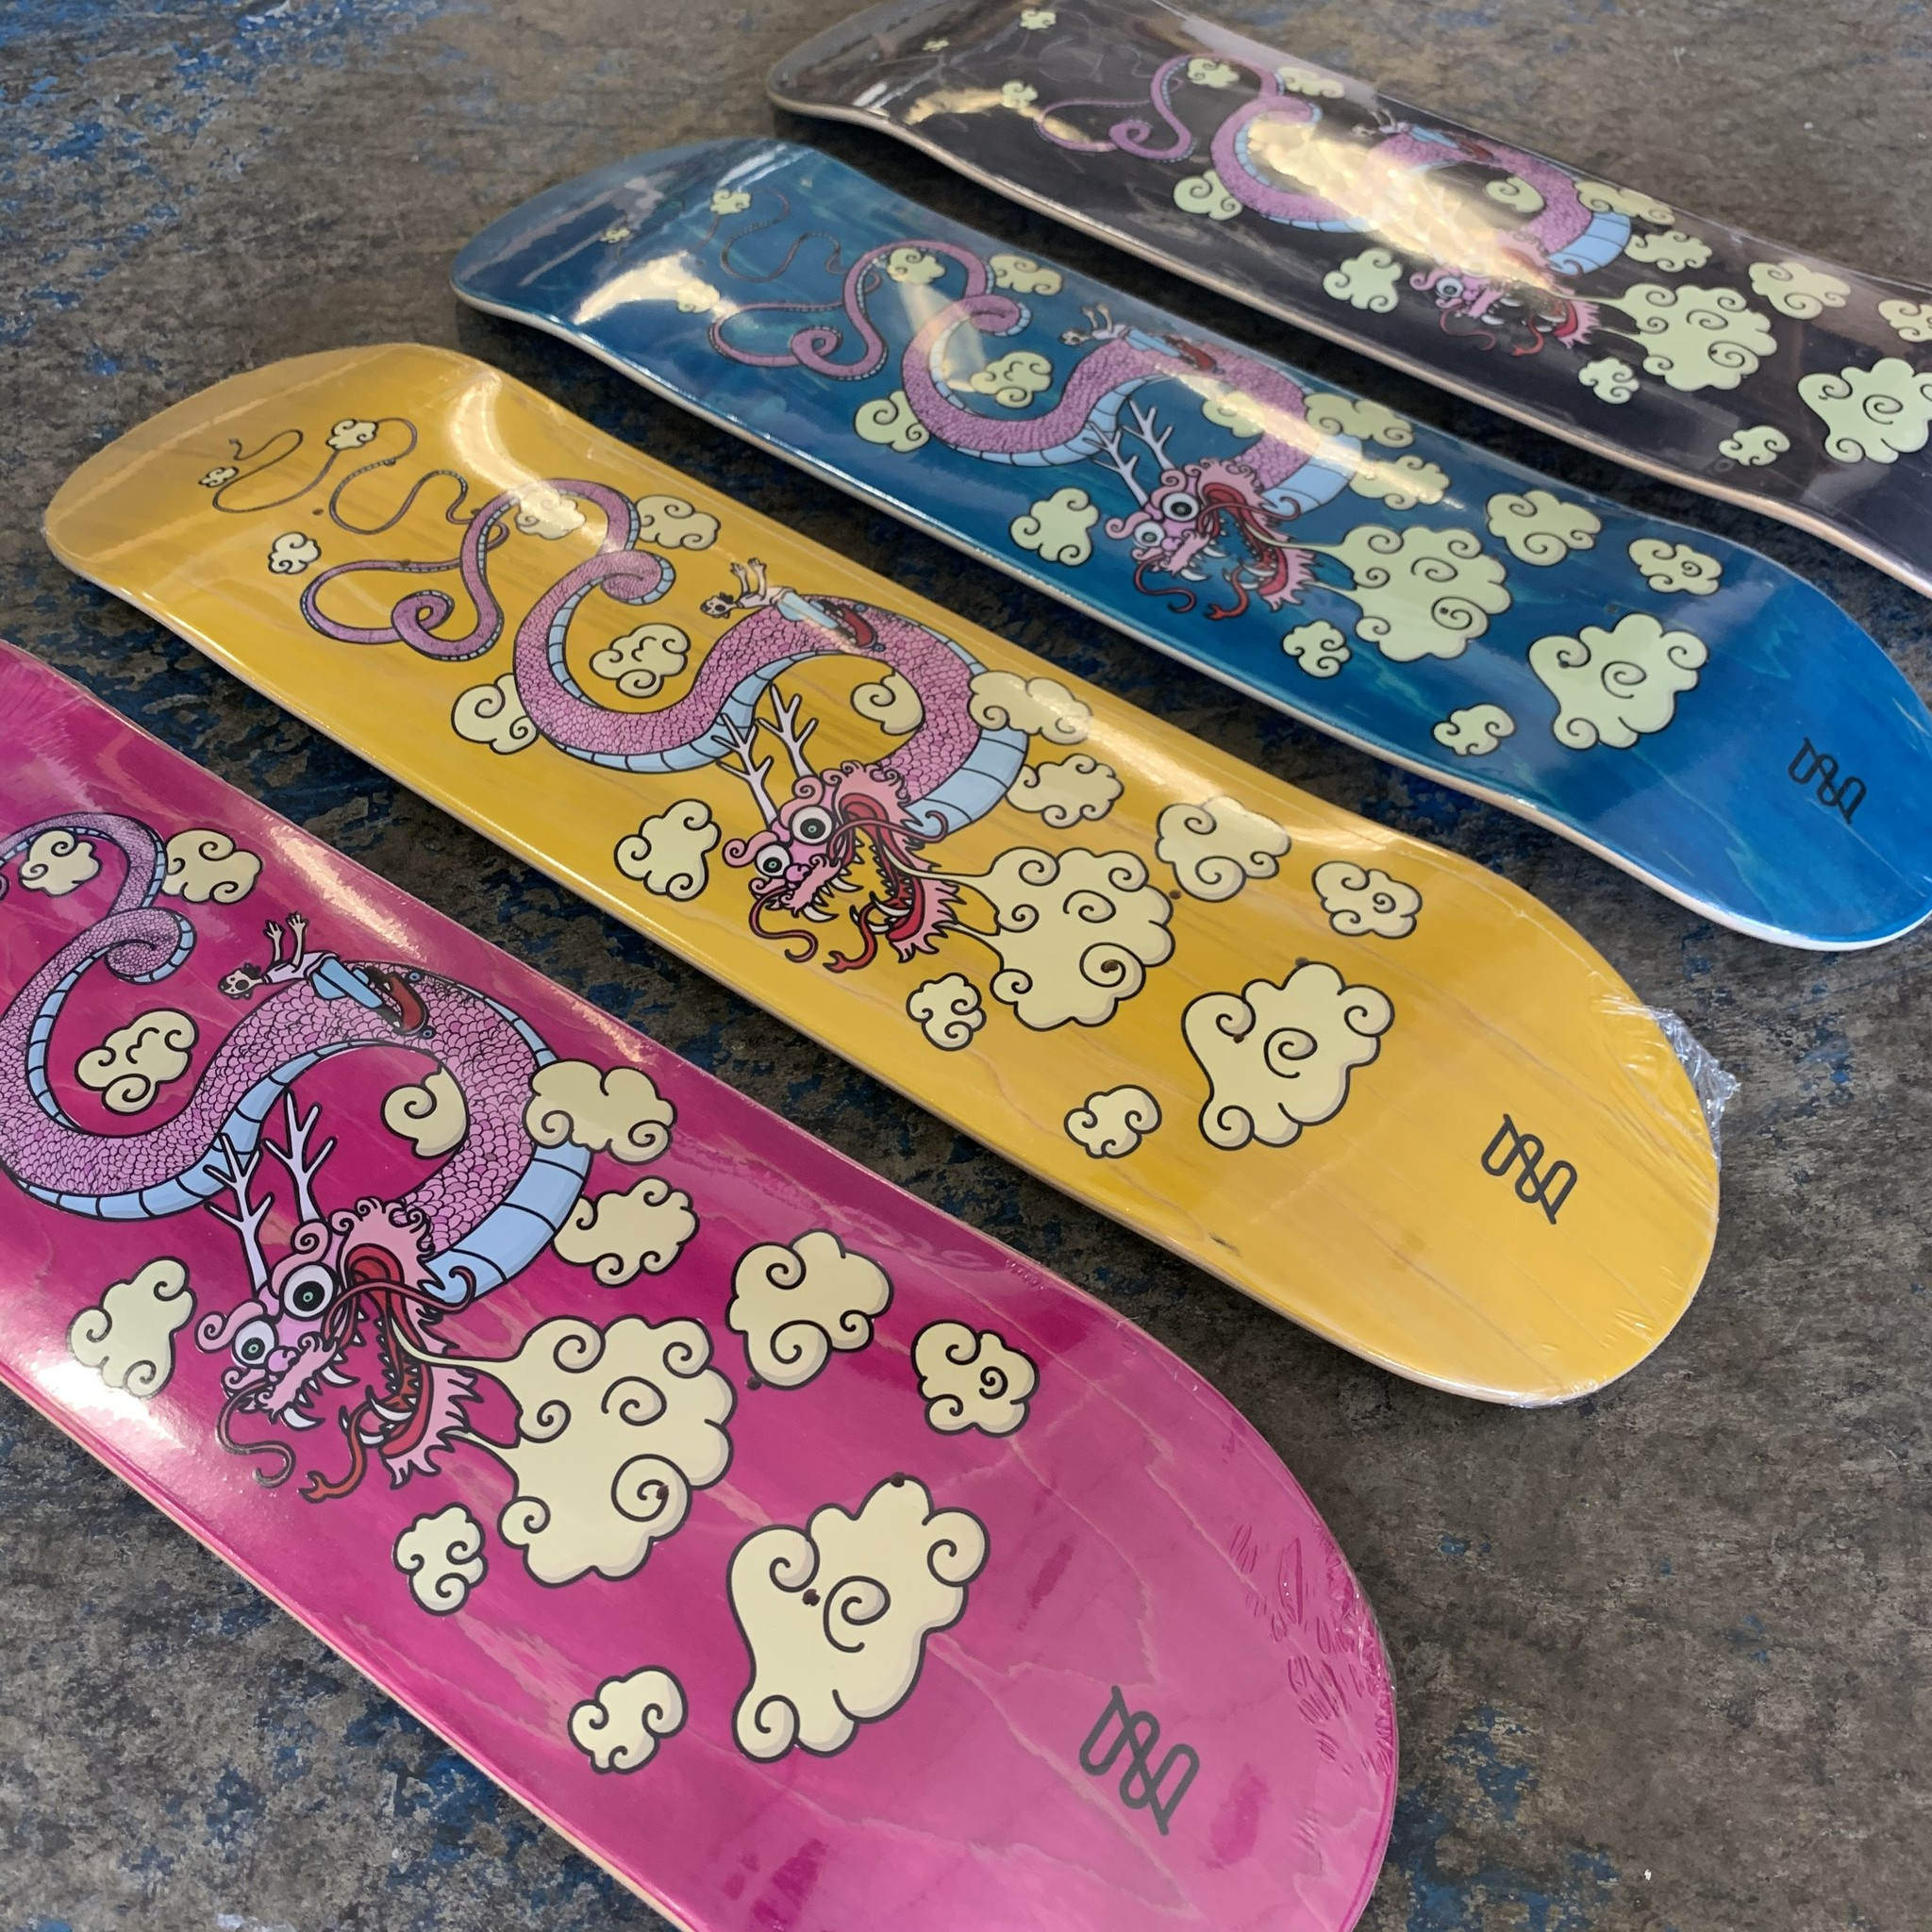 studio skate supply chartoonz dragon 8.25 deck various stained veneers